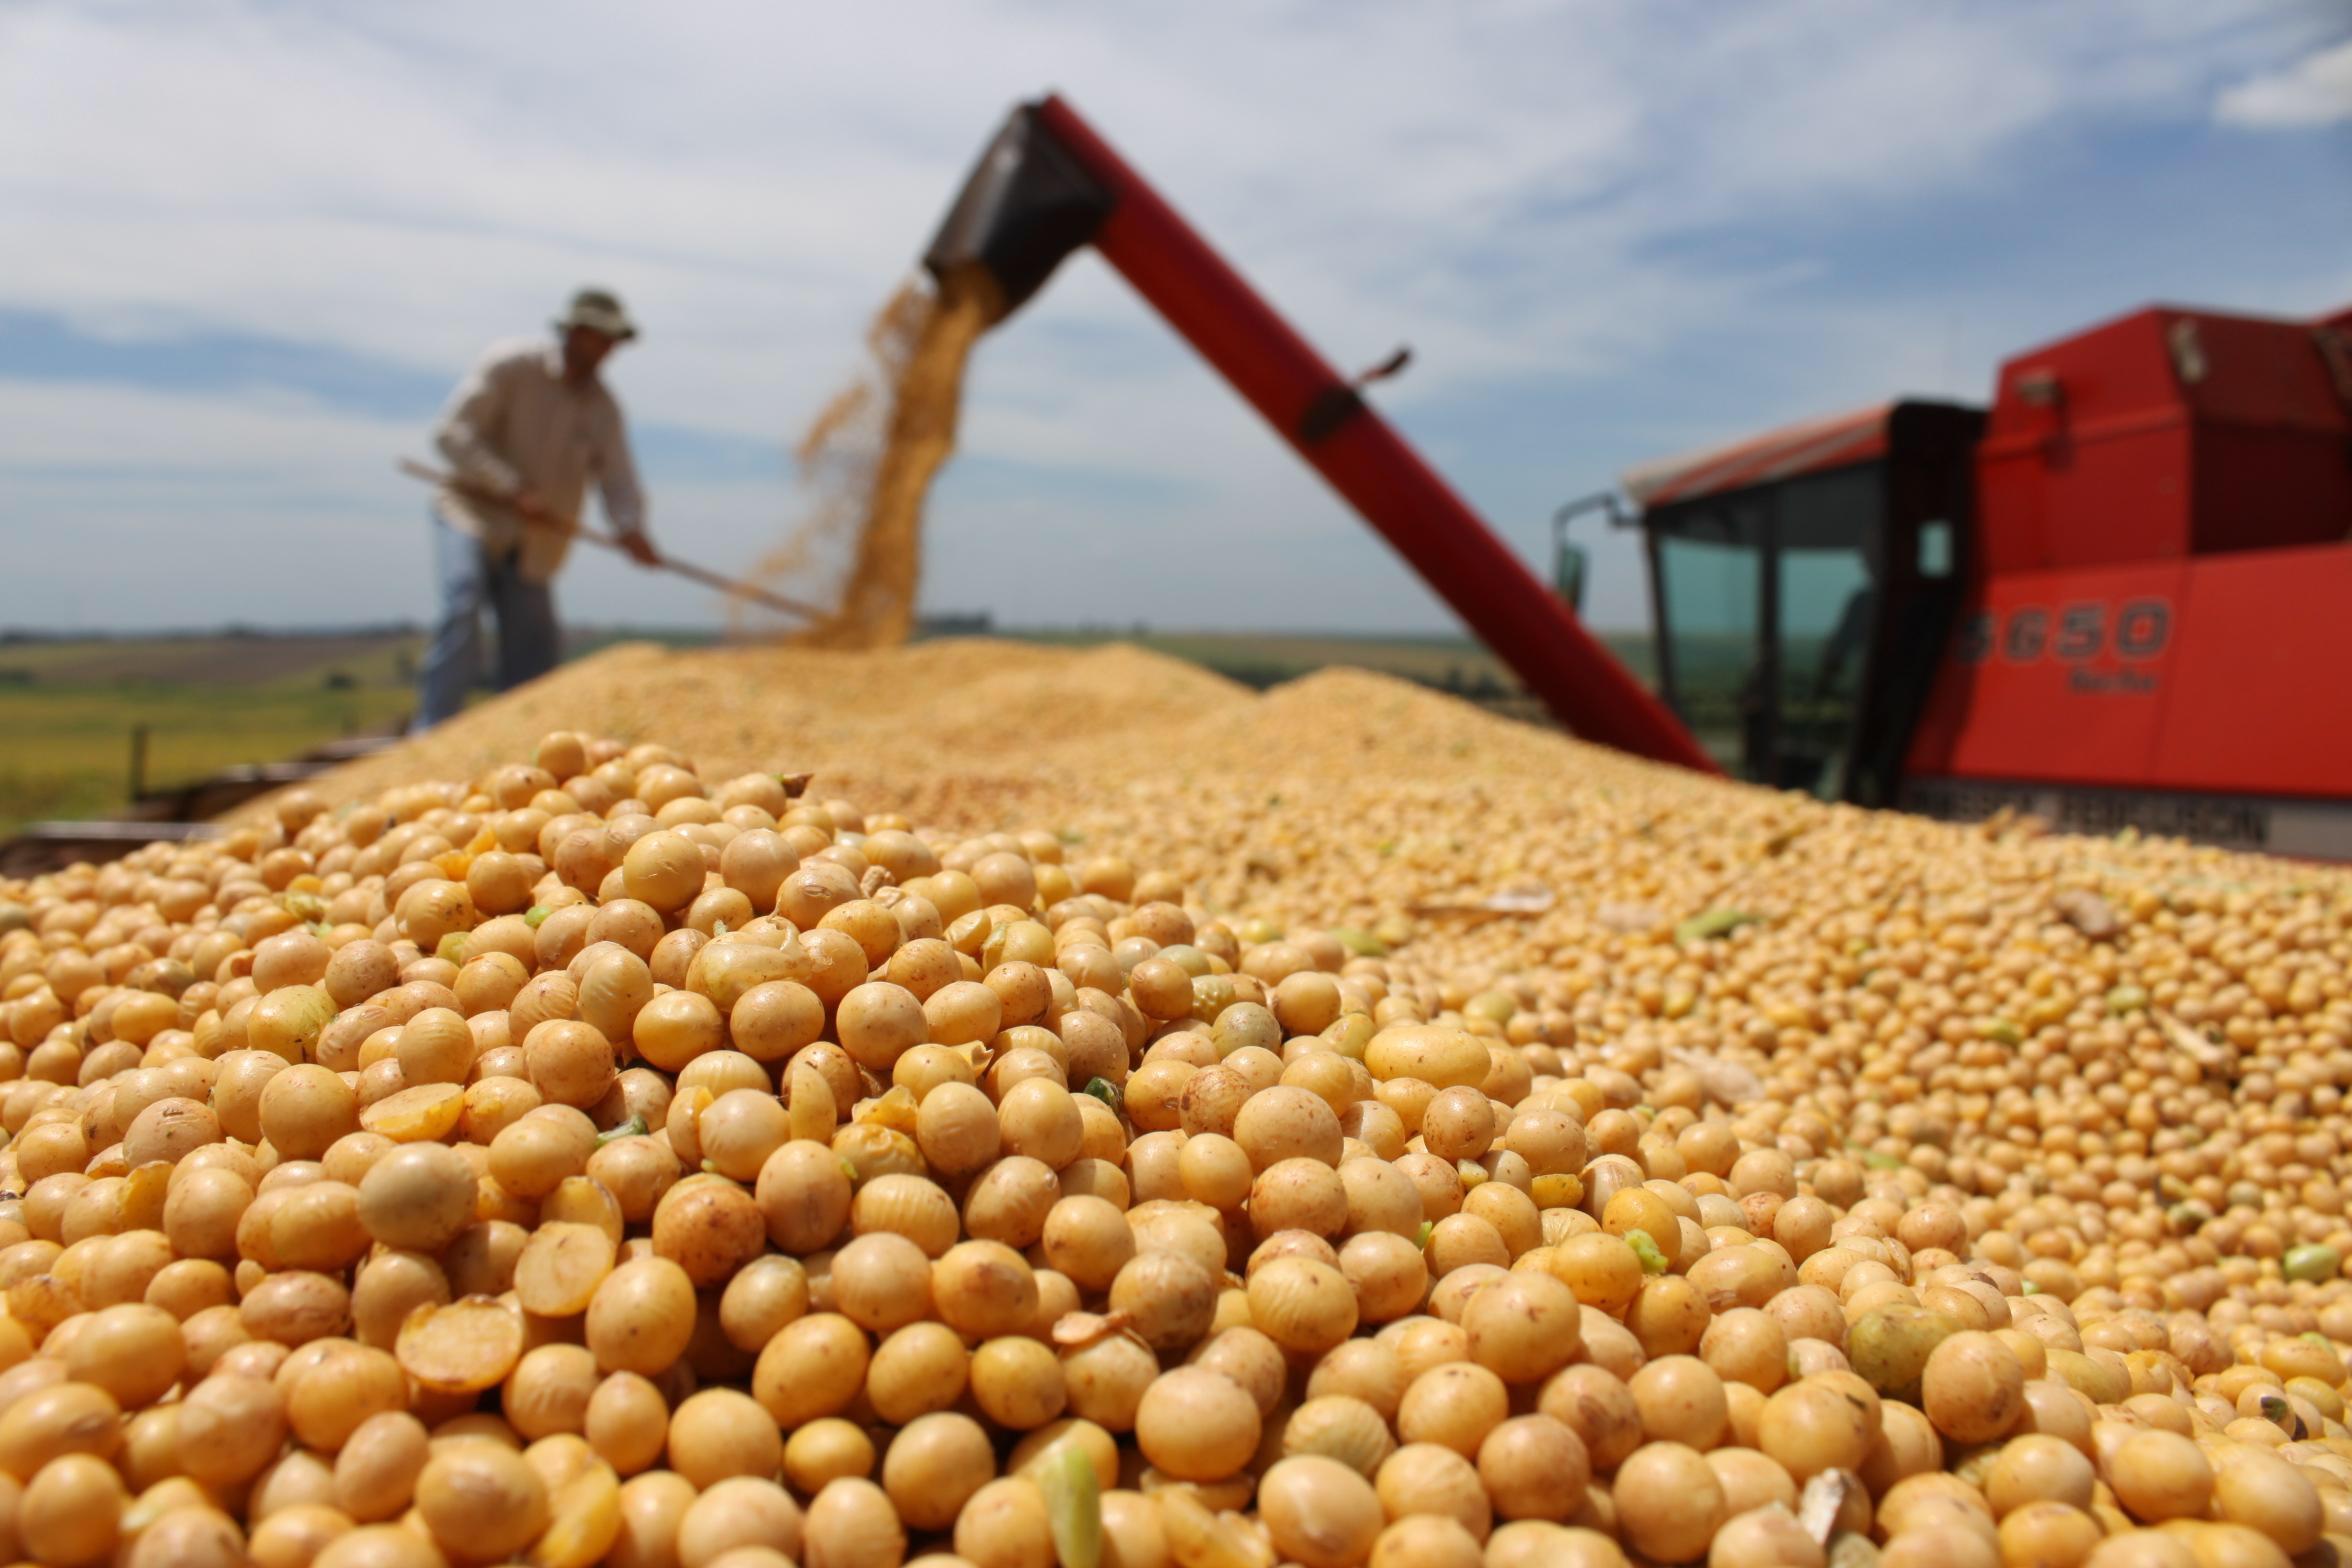 FORÇA DO AGRO: A produção de grãos da safra 2019/20 do Brasil caminha para o desfecho final de mais um recorde